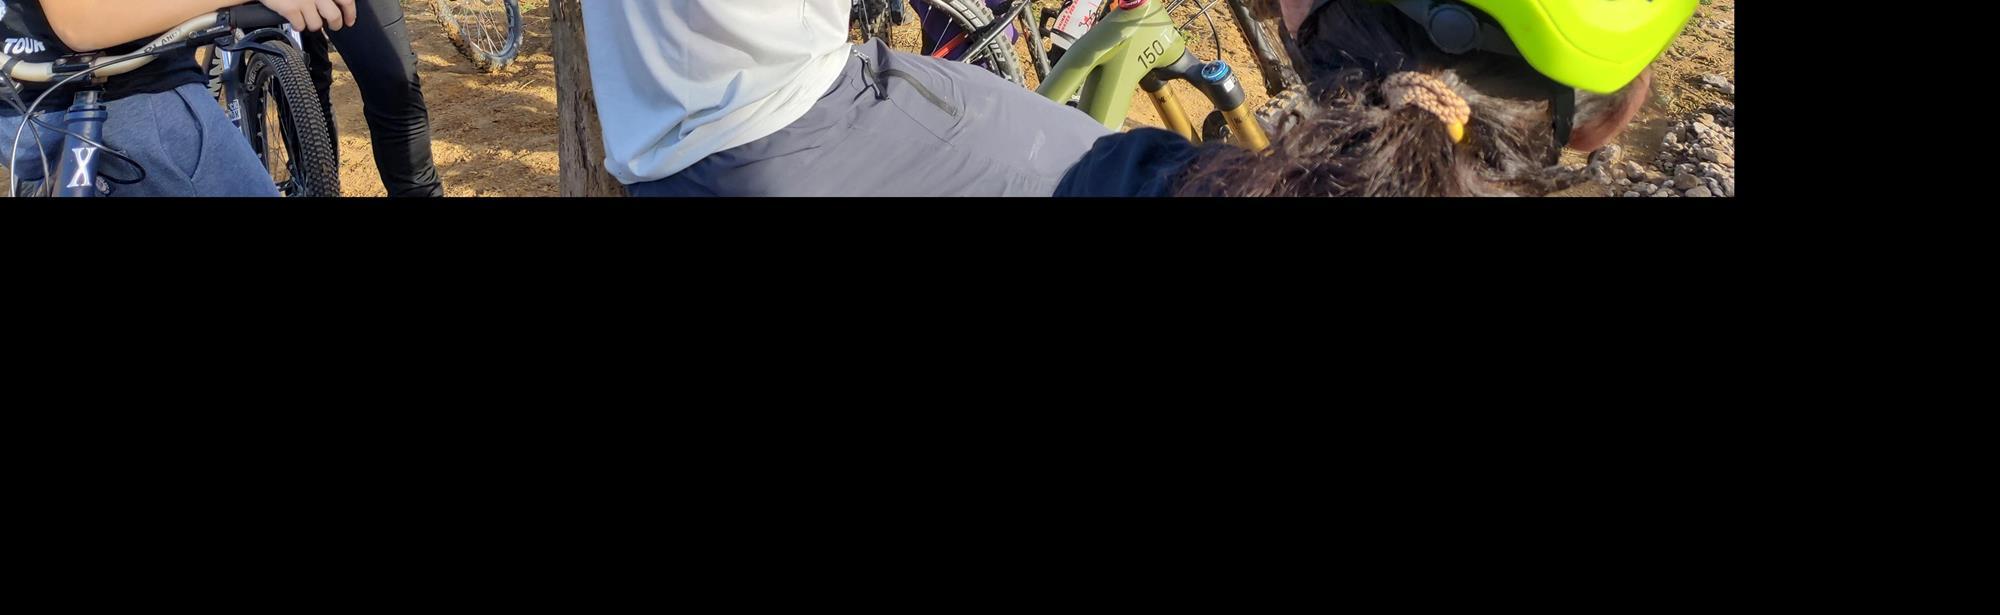 Green043 Bikepark Maastricht